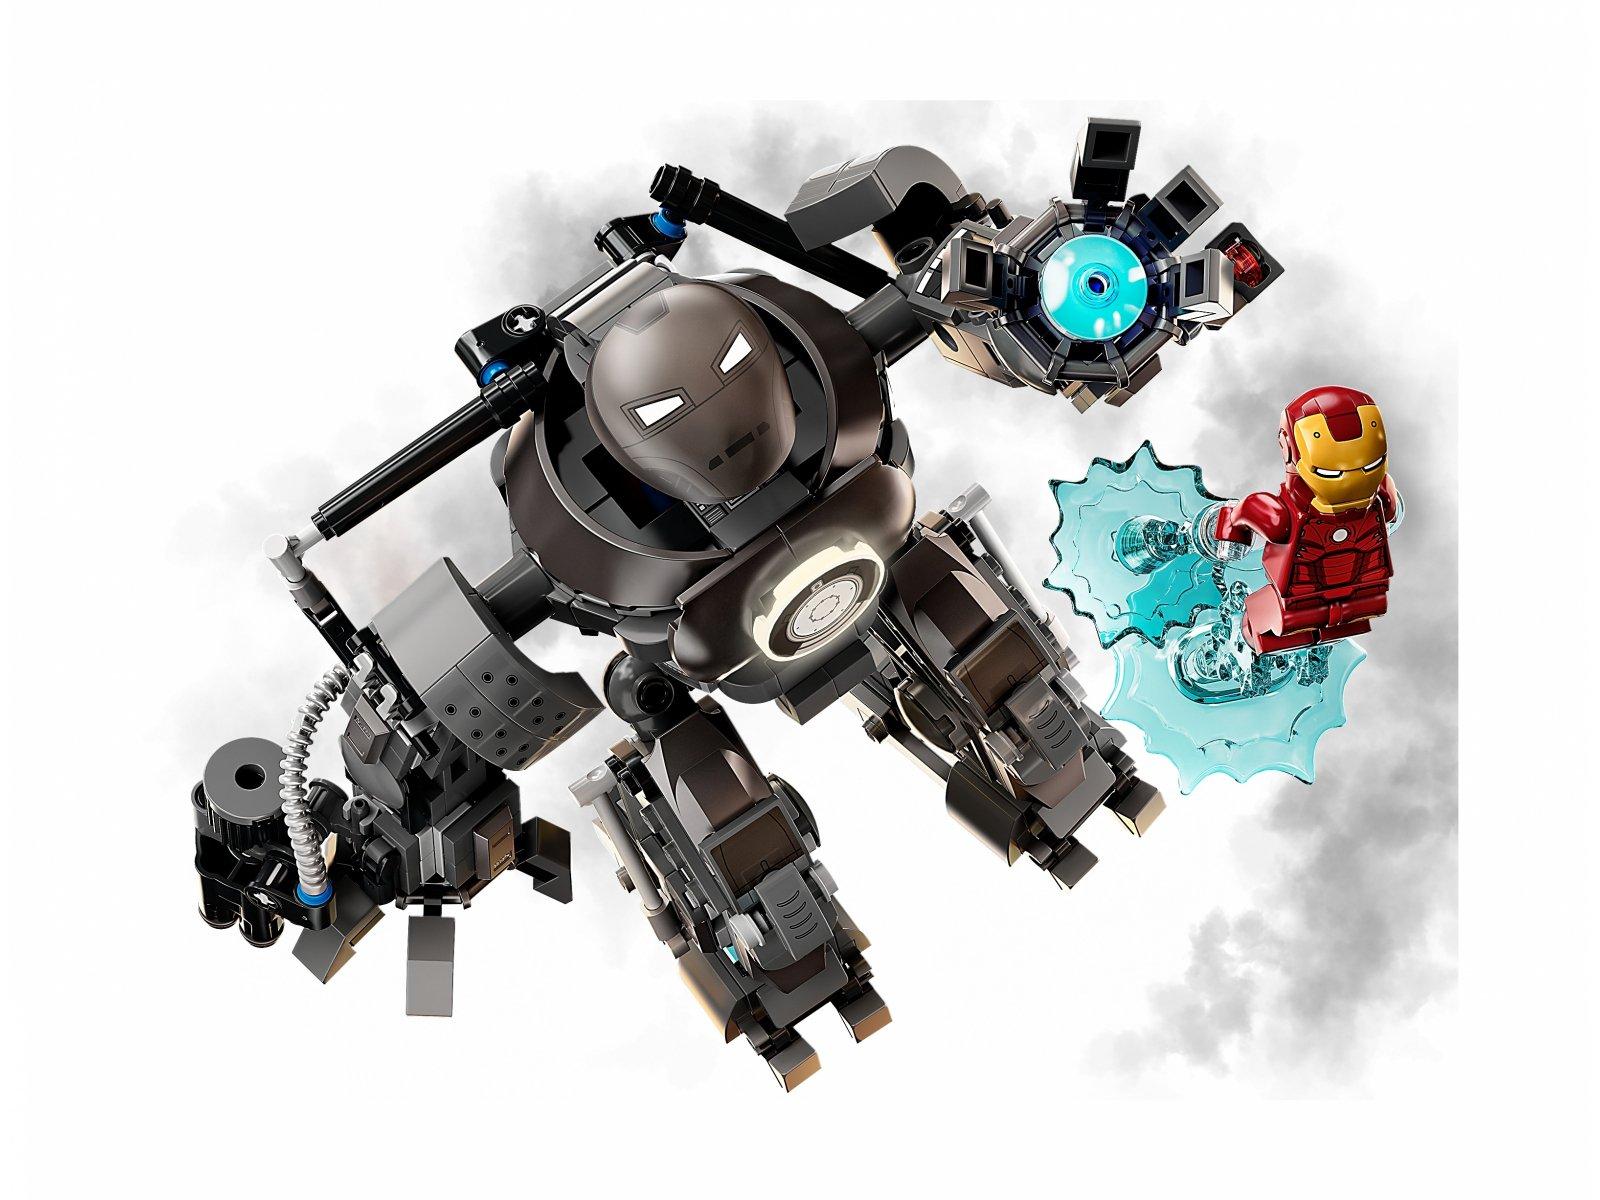 LEGO 76190 Marvel Iron Man: zadyma z Iron Mongerem